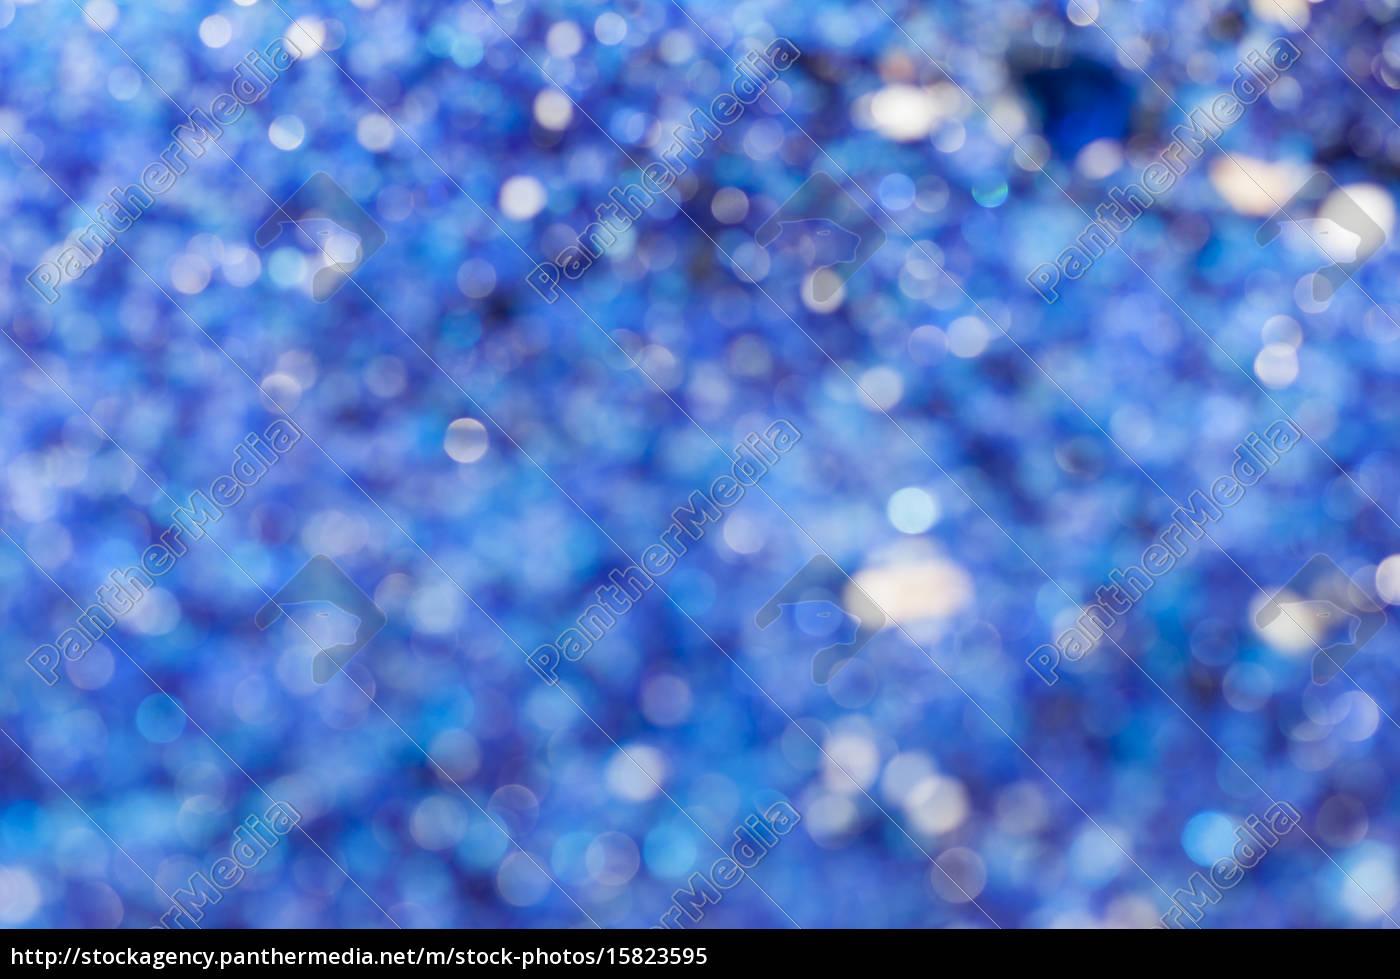 sfondo, blu, sfocato - 15823595